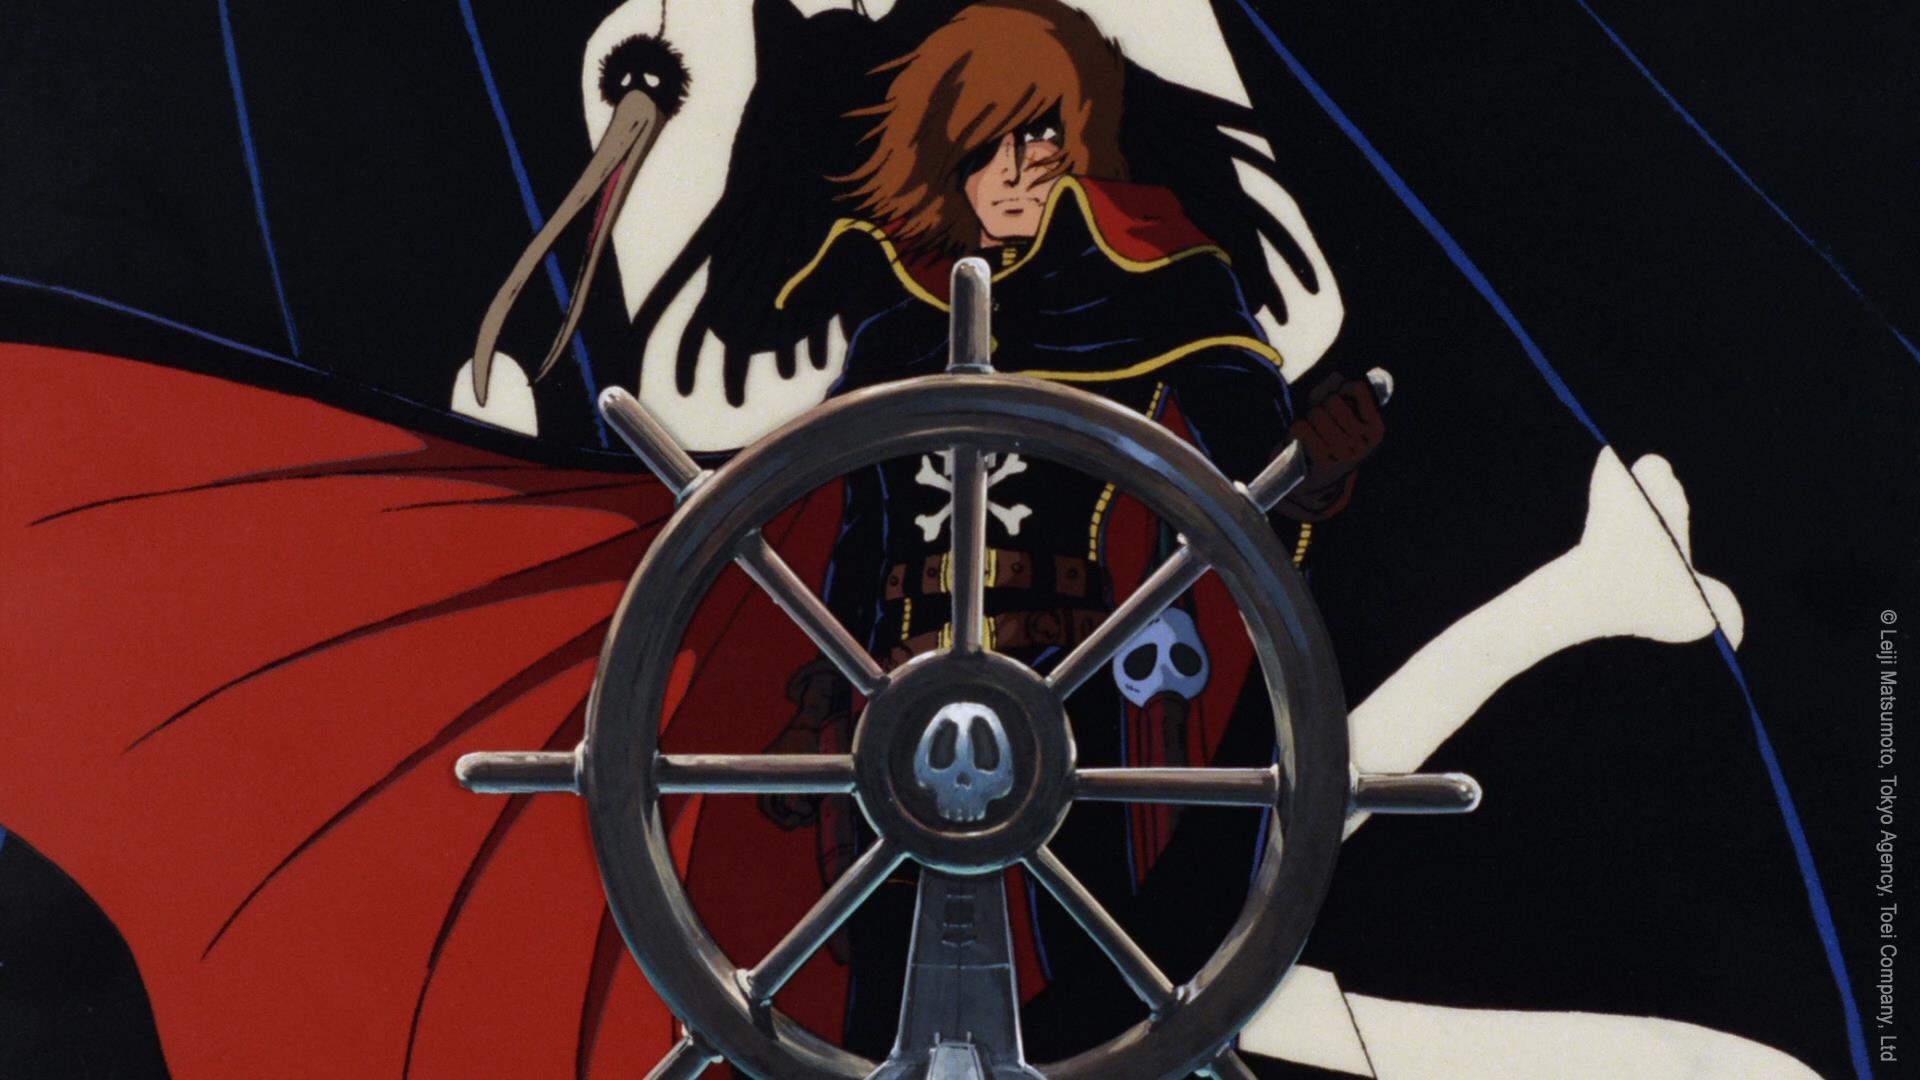 capitan harlock arcadia della mia giovinezza 1